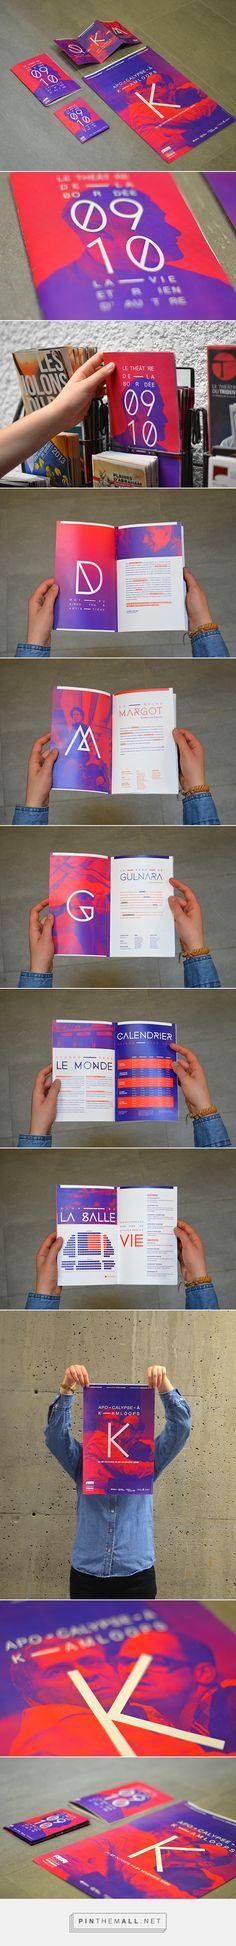 Théâtre de la Bordée on Behance - created via http://pinthemall.net